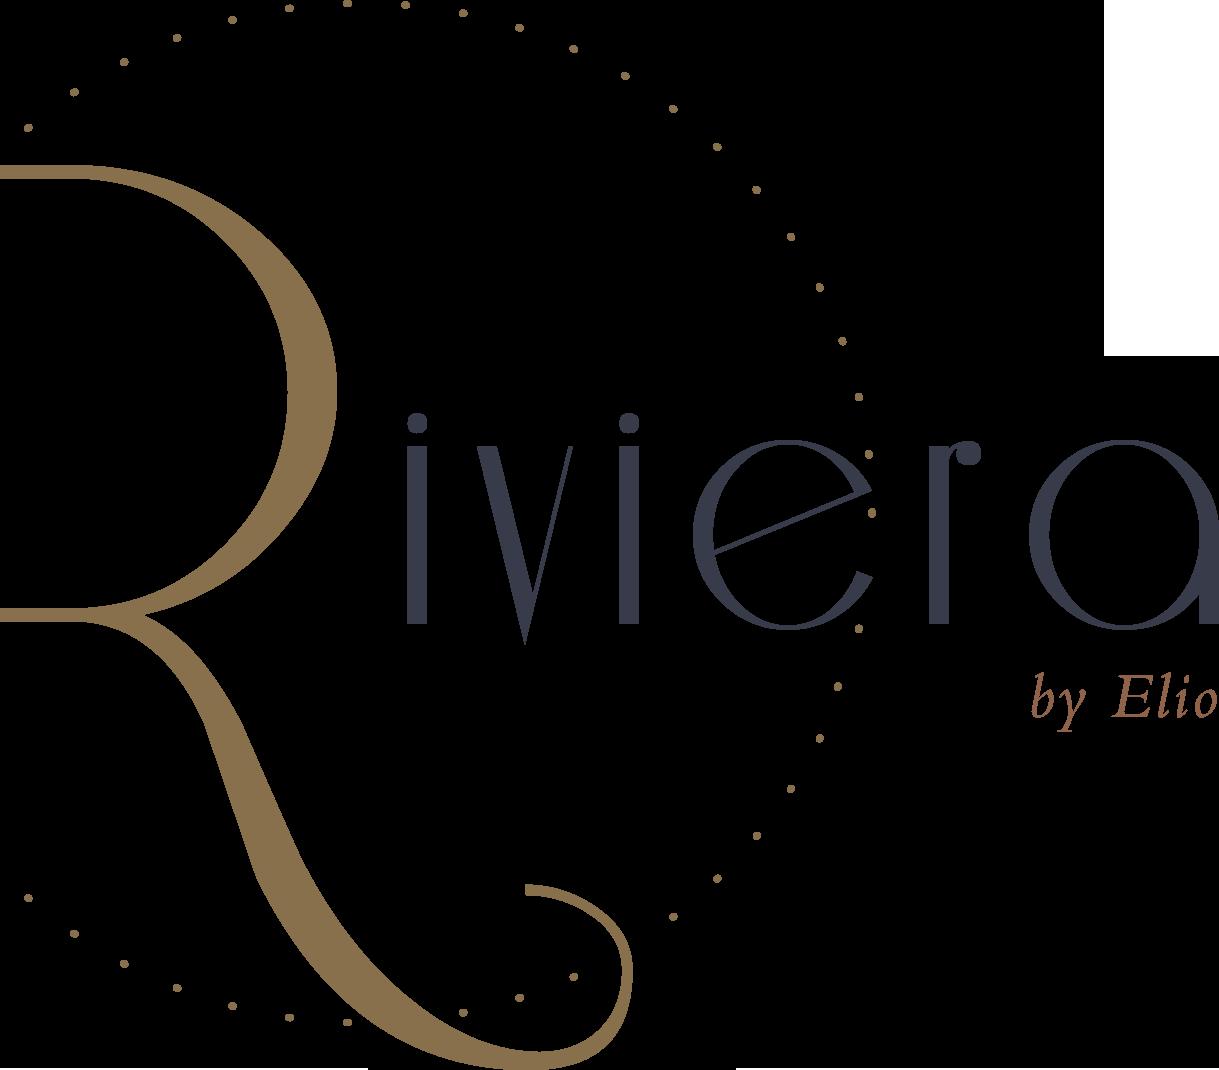 Riviera Spiez